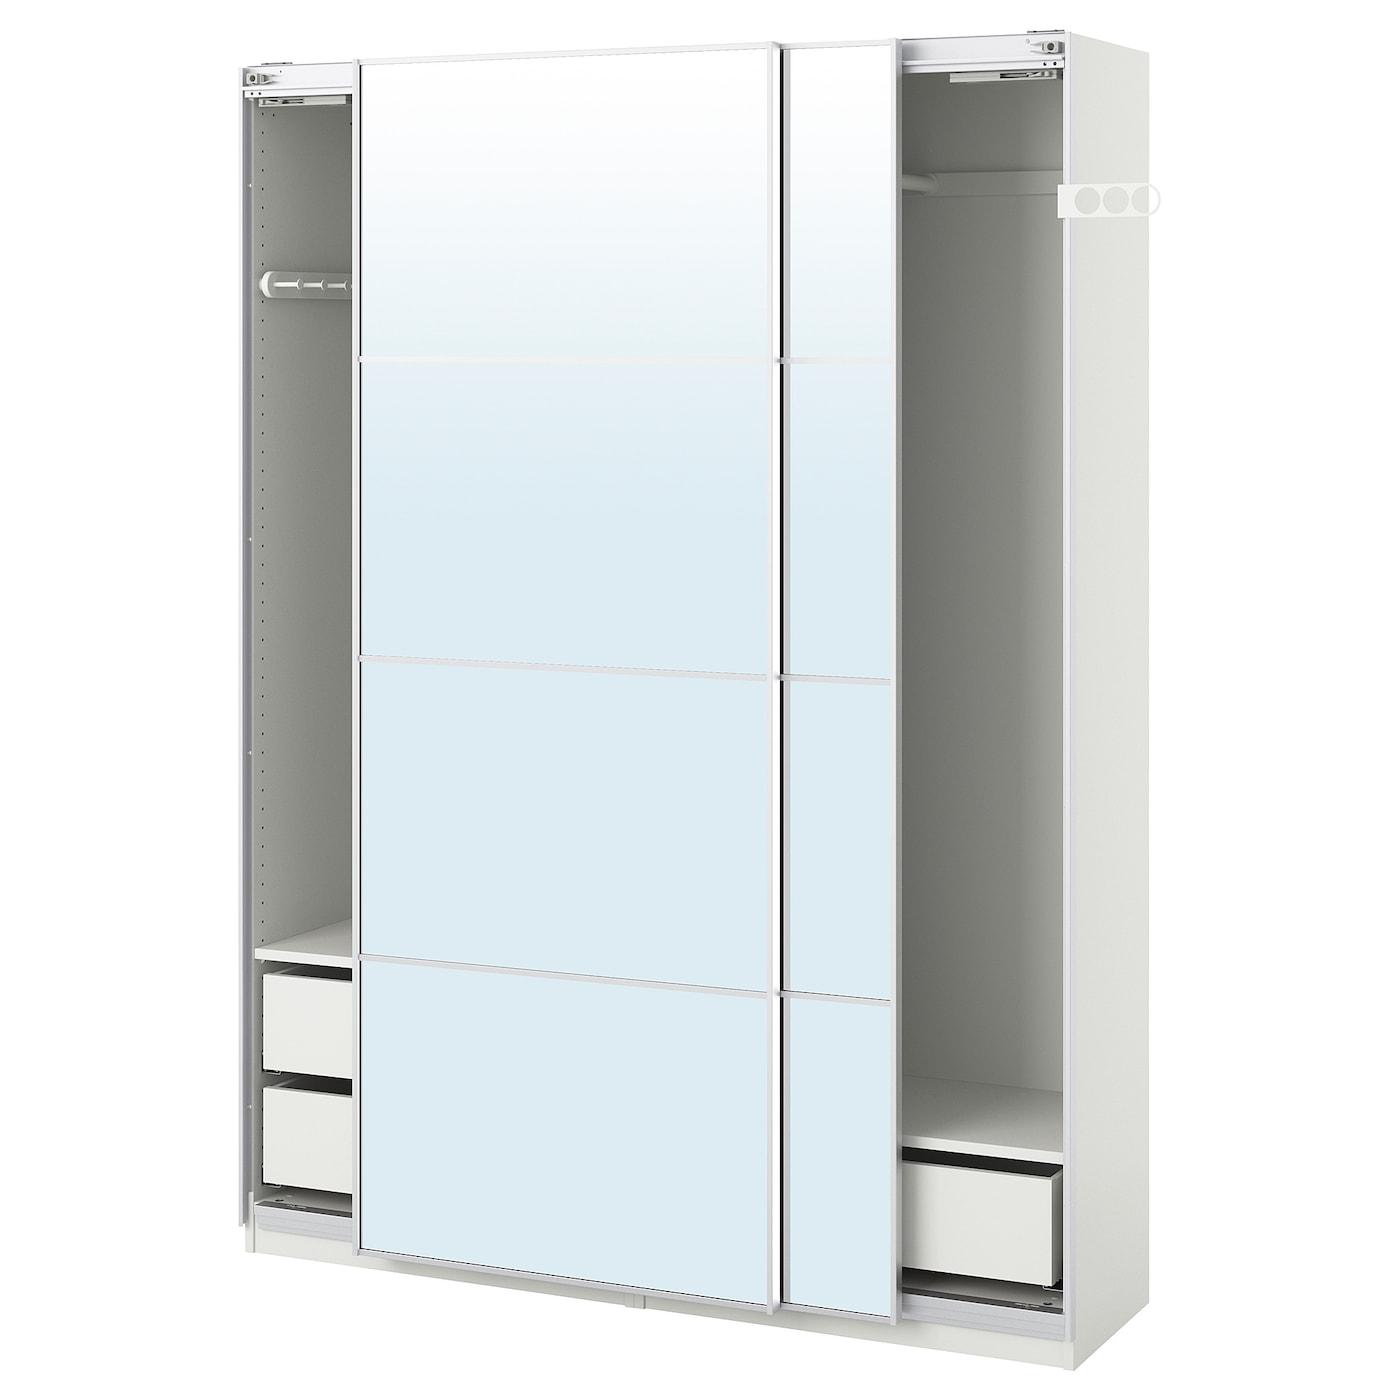 Pax Kleiderschrank Weiss Auli Spiegelglas Ikea Deutschland